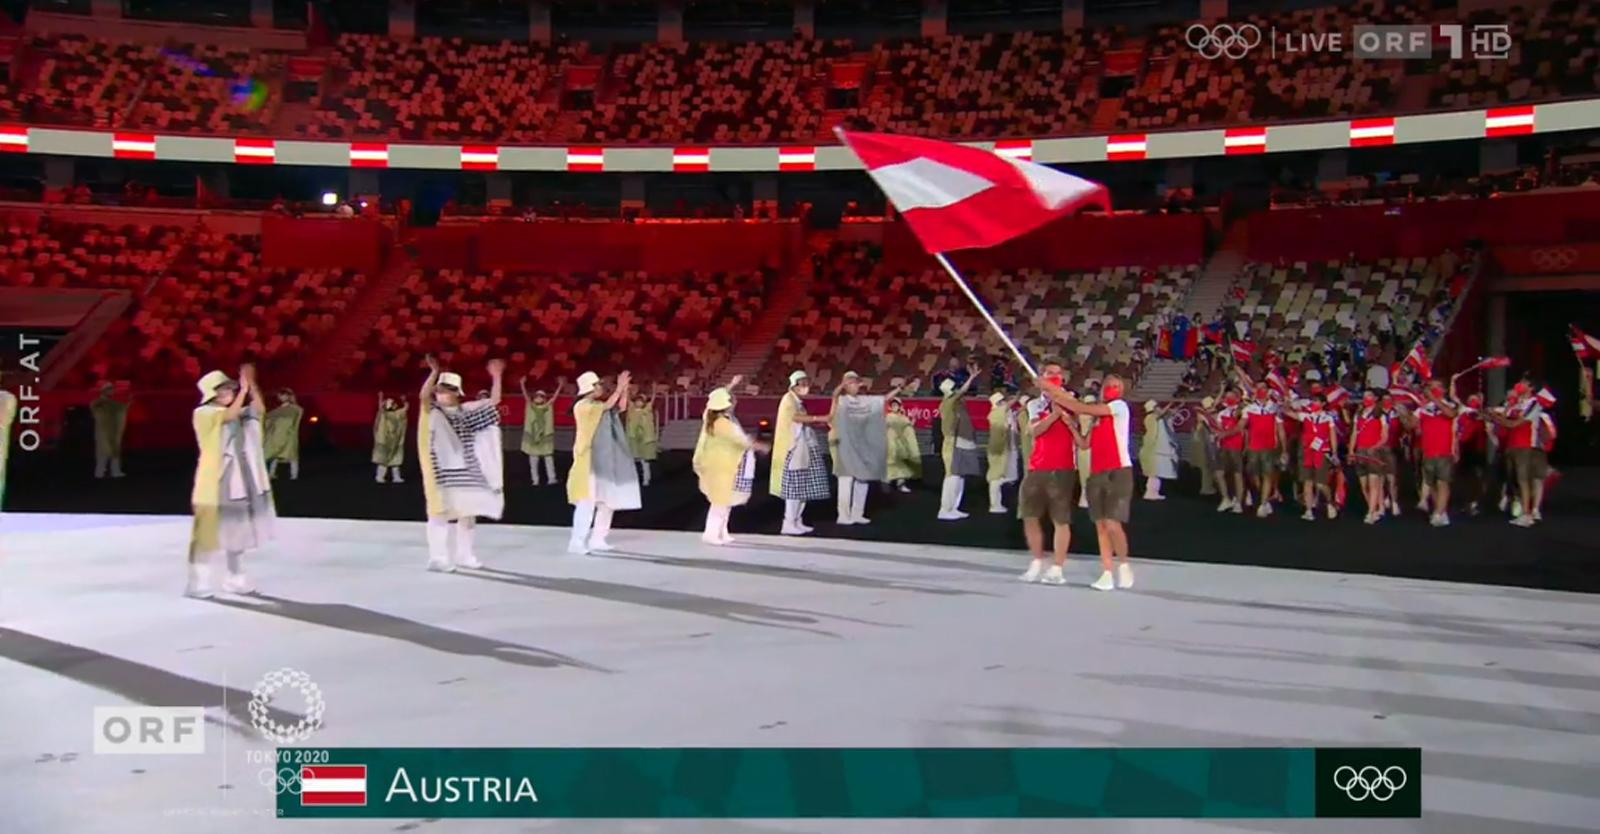 ORF-Übertragung der Eröffnungsfeier der Olympischen Spiele 2020 in Tokio